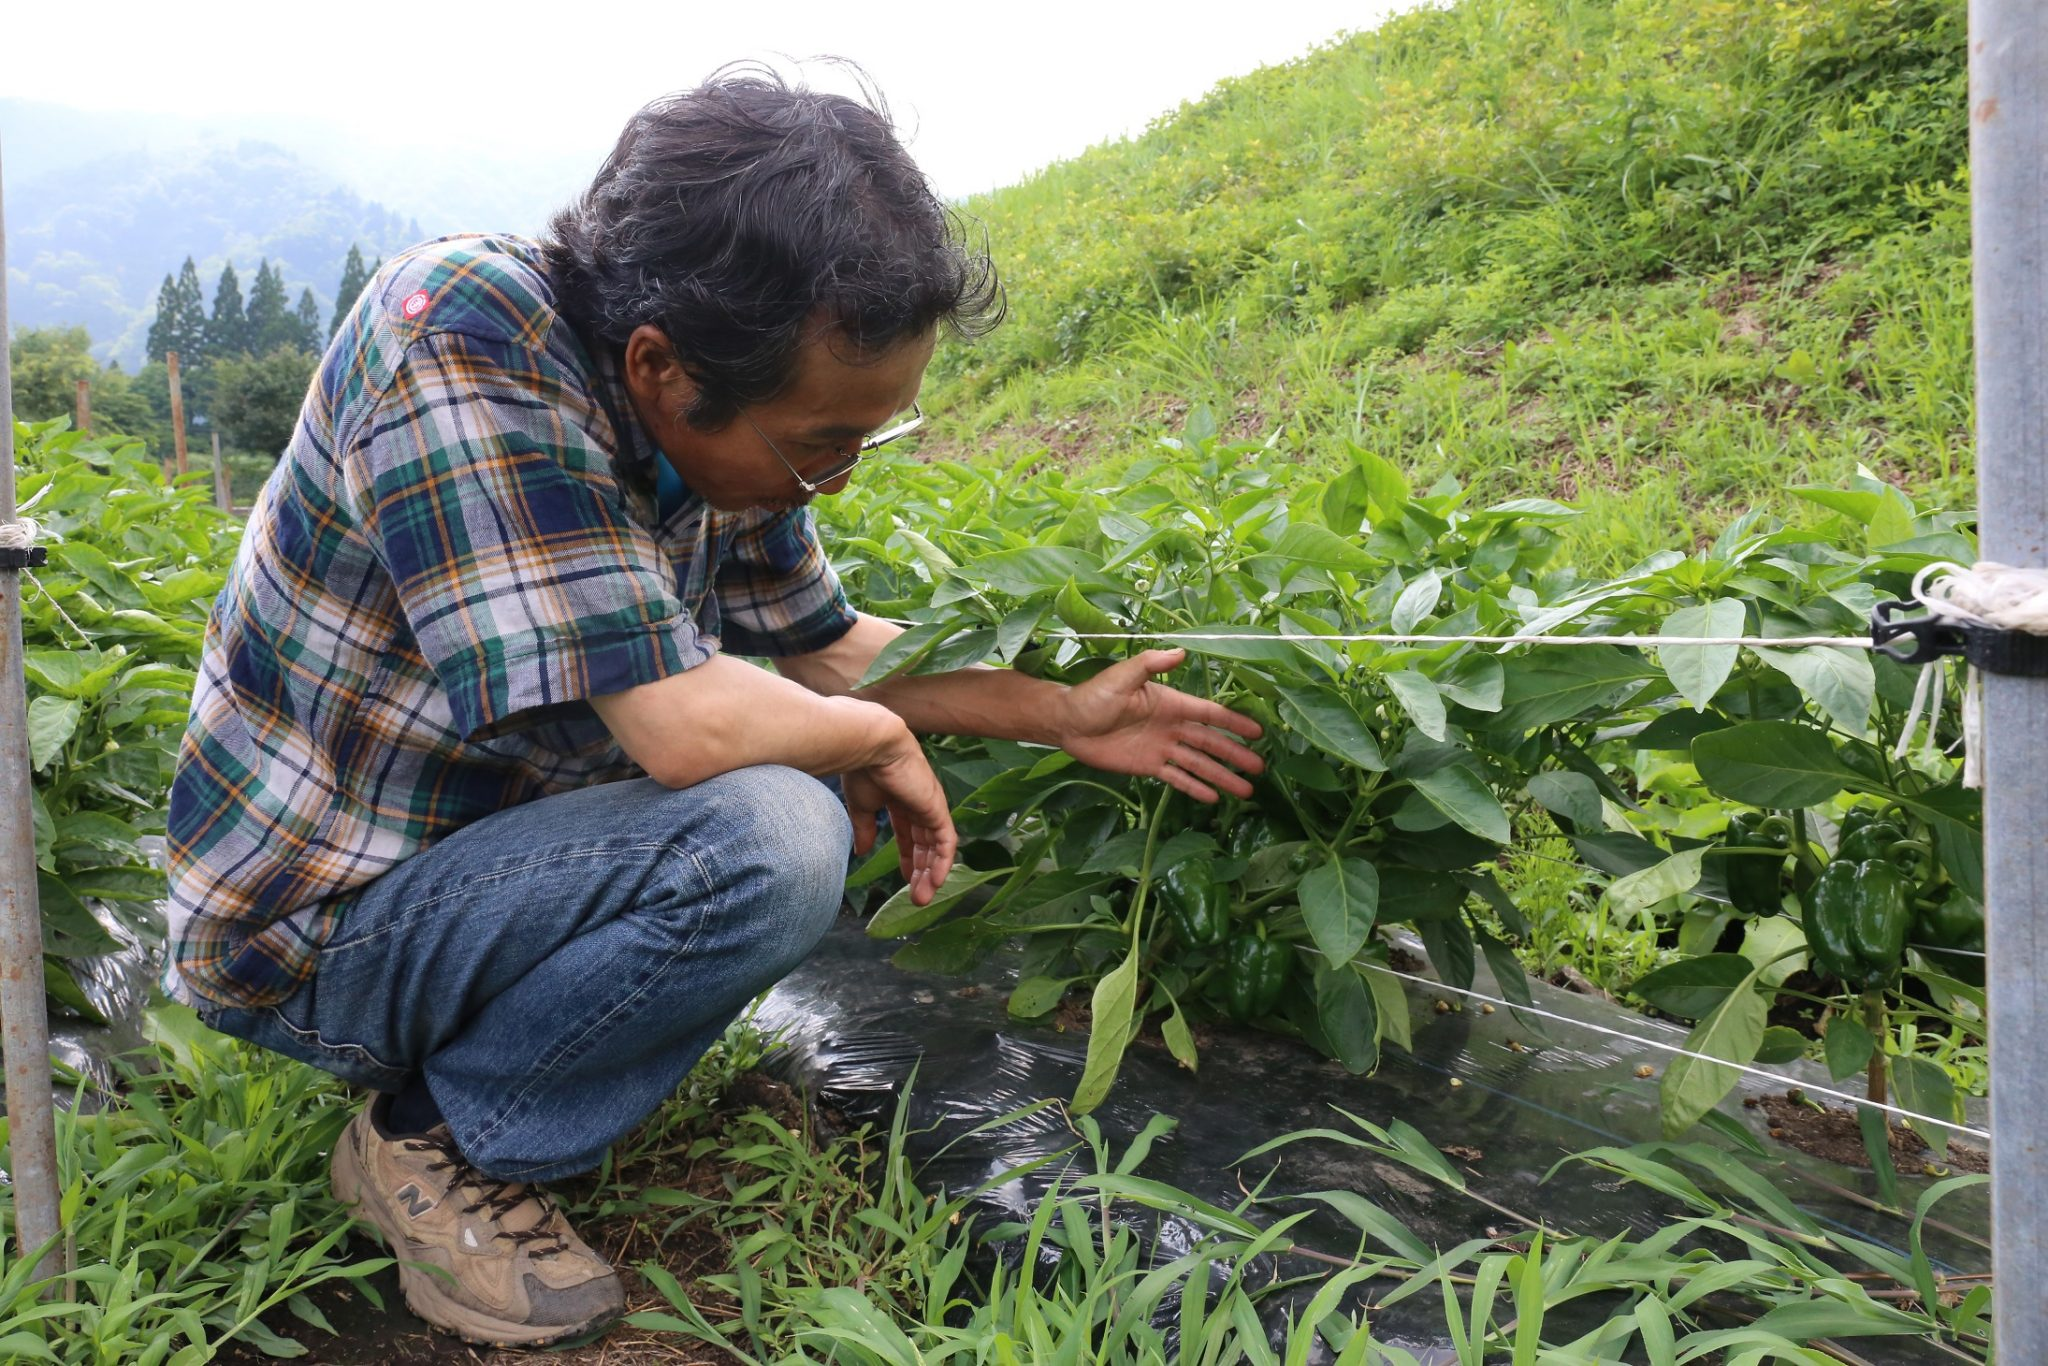 【1/25土】農家さんの種取りワークショップ ~稲倉さんの自家採種と自然栽培のお話~